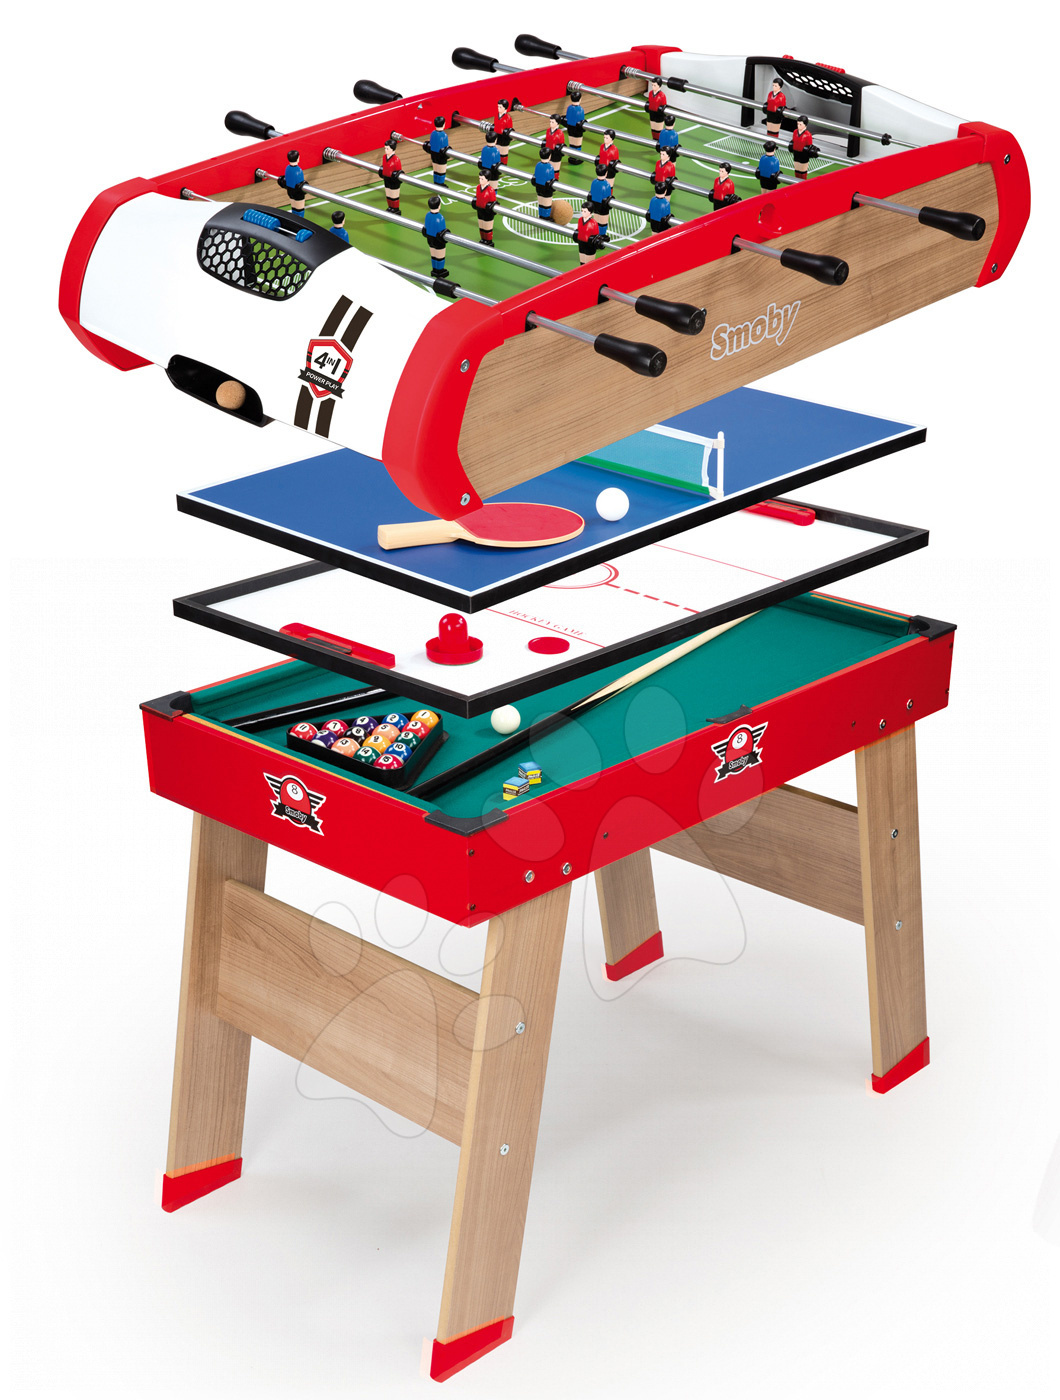 Drevený futbalový stôl Powerplay 4v1 Smoby stolný futbal, biliard, hokej a tenis od 8 rokov